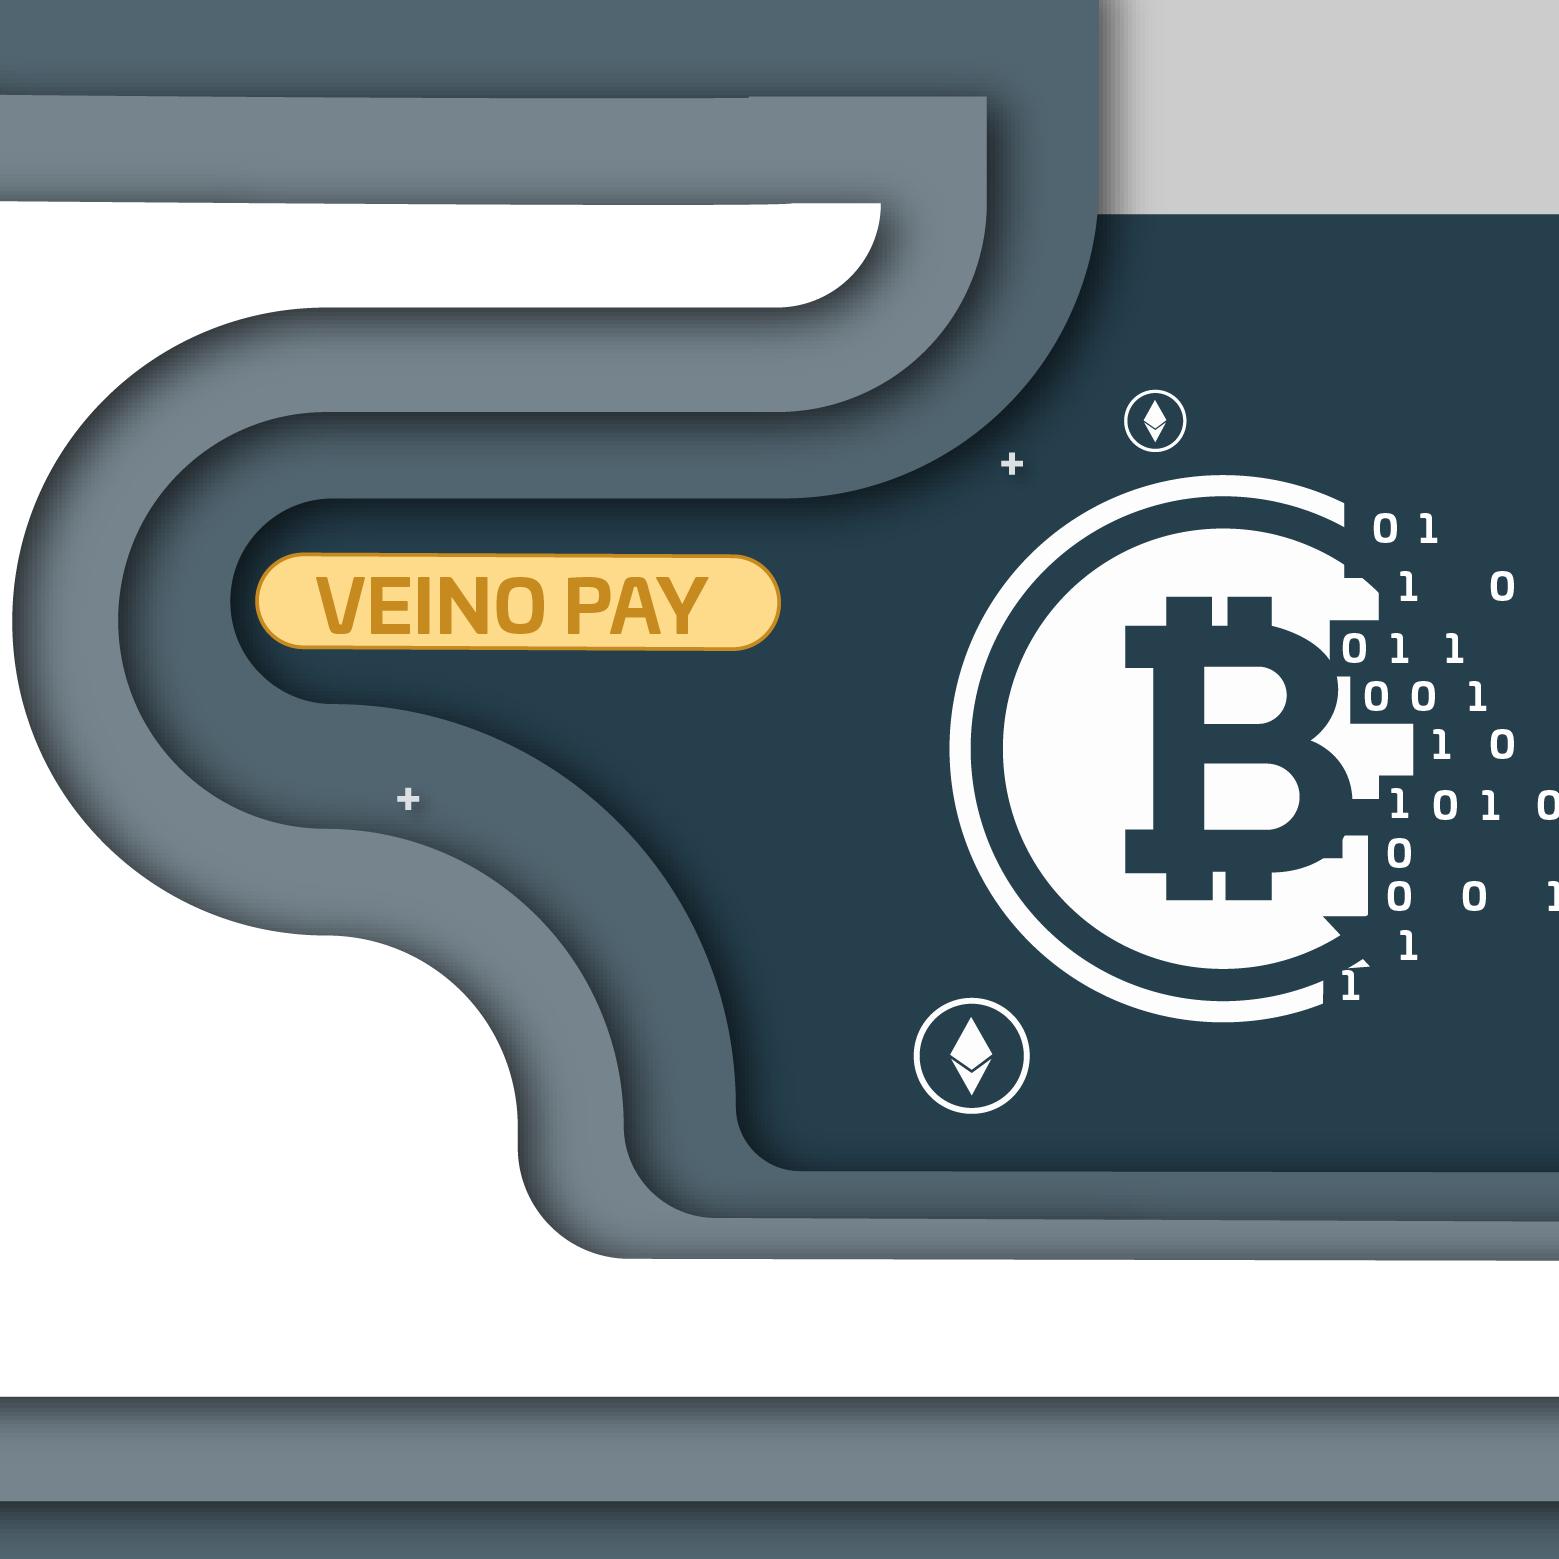 Veino Pay